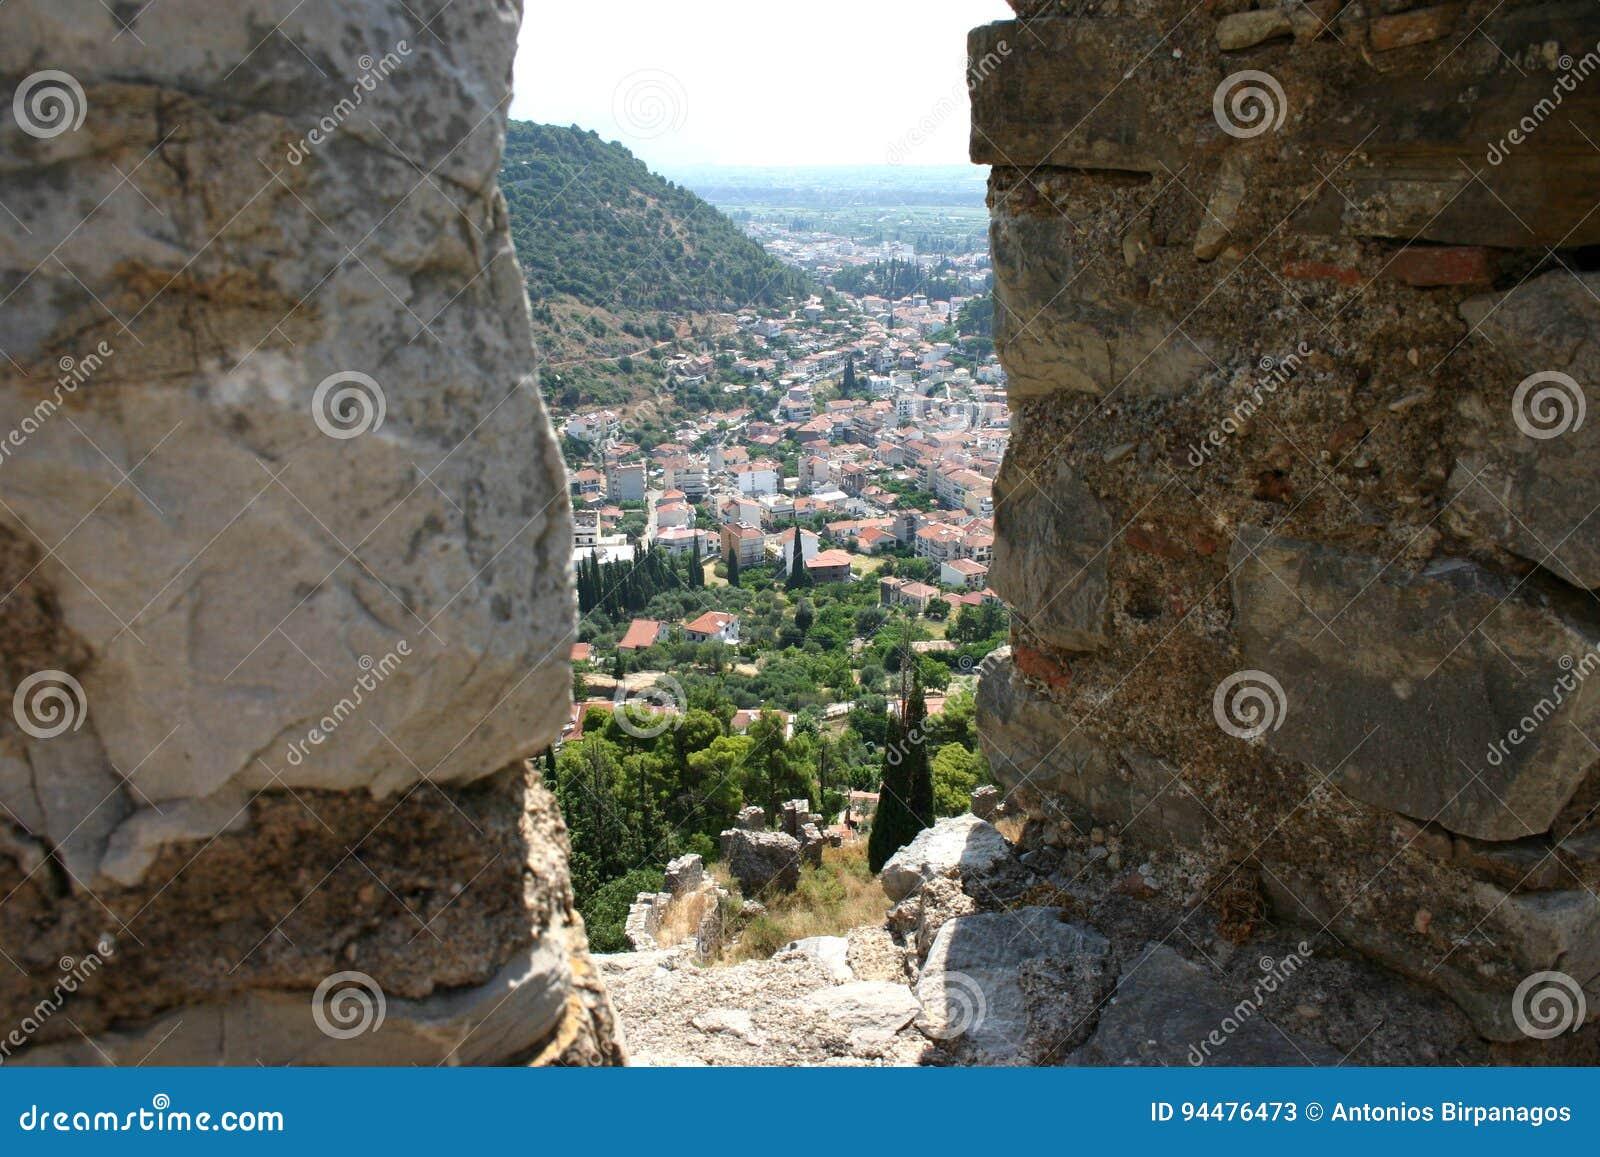 άποψη μέσω μιας θέσης μάχης μαχητών σε ένα μεσαιωνικό φρούριο